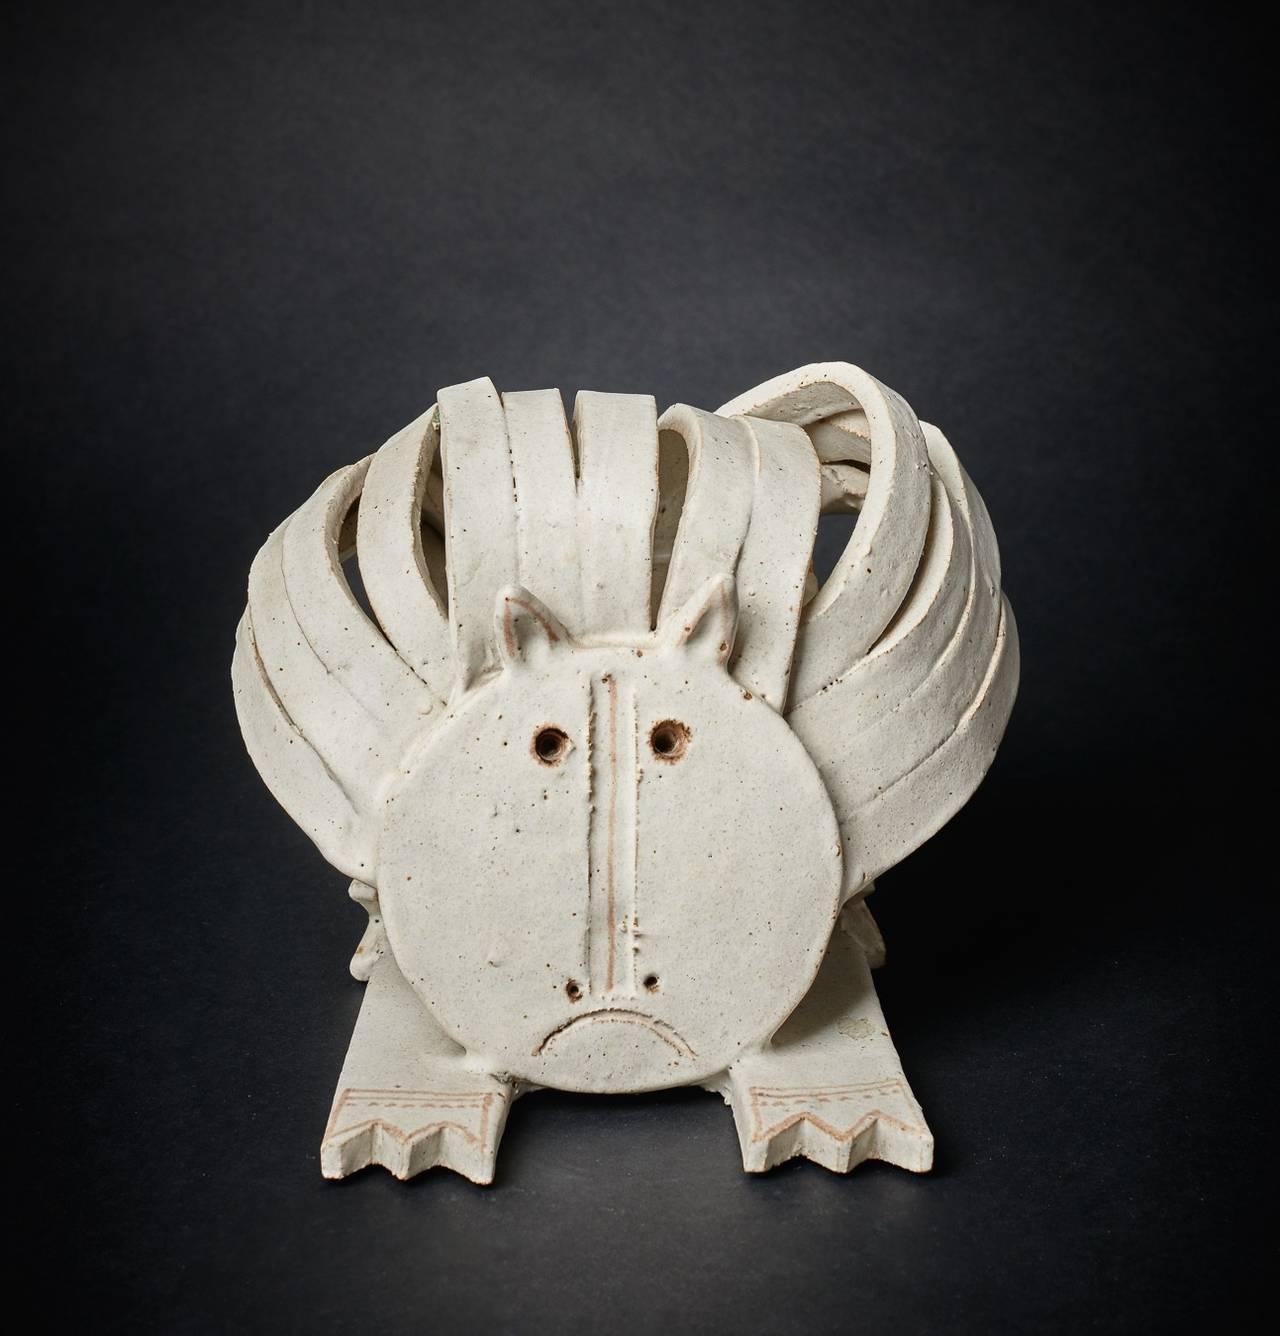 Cat Ceramic Sculpture by Bruno Gambone 1970's 2